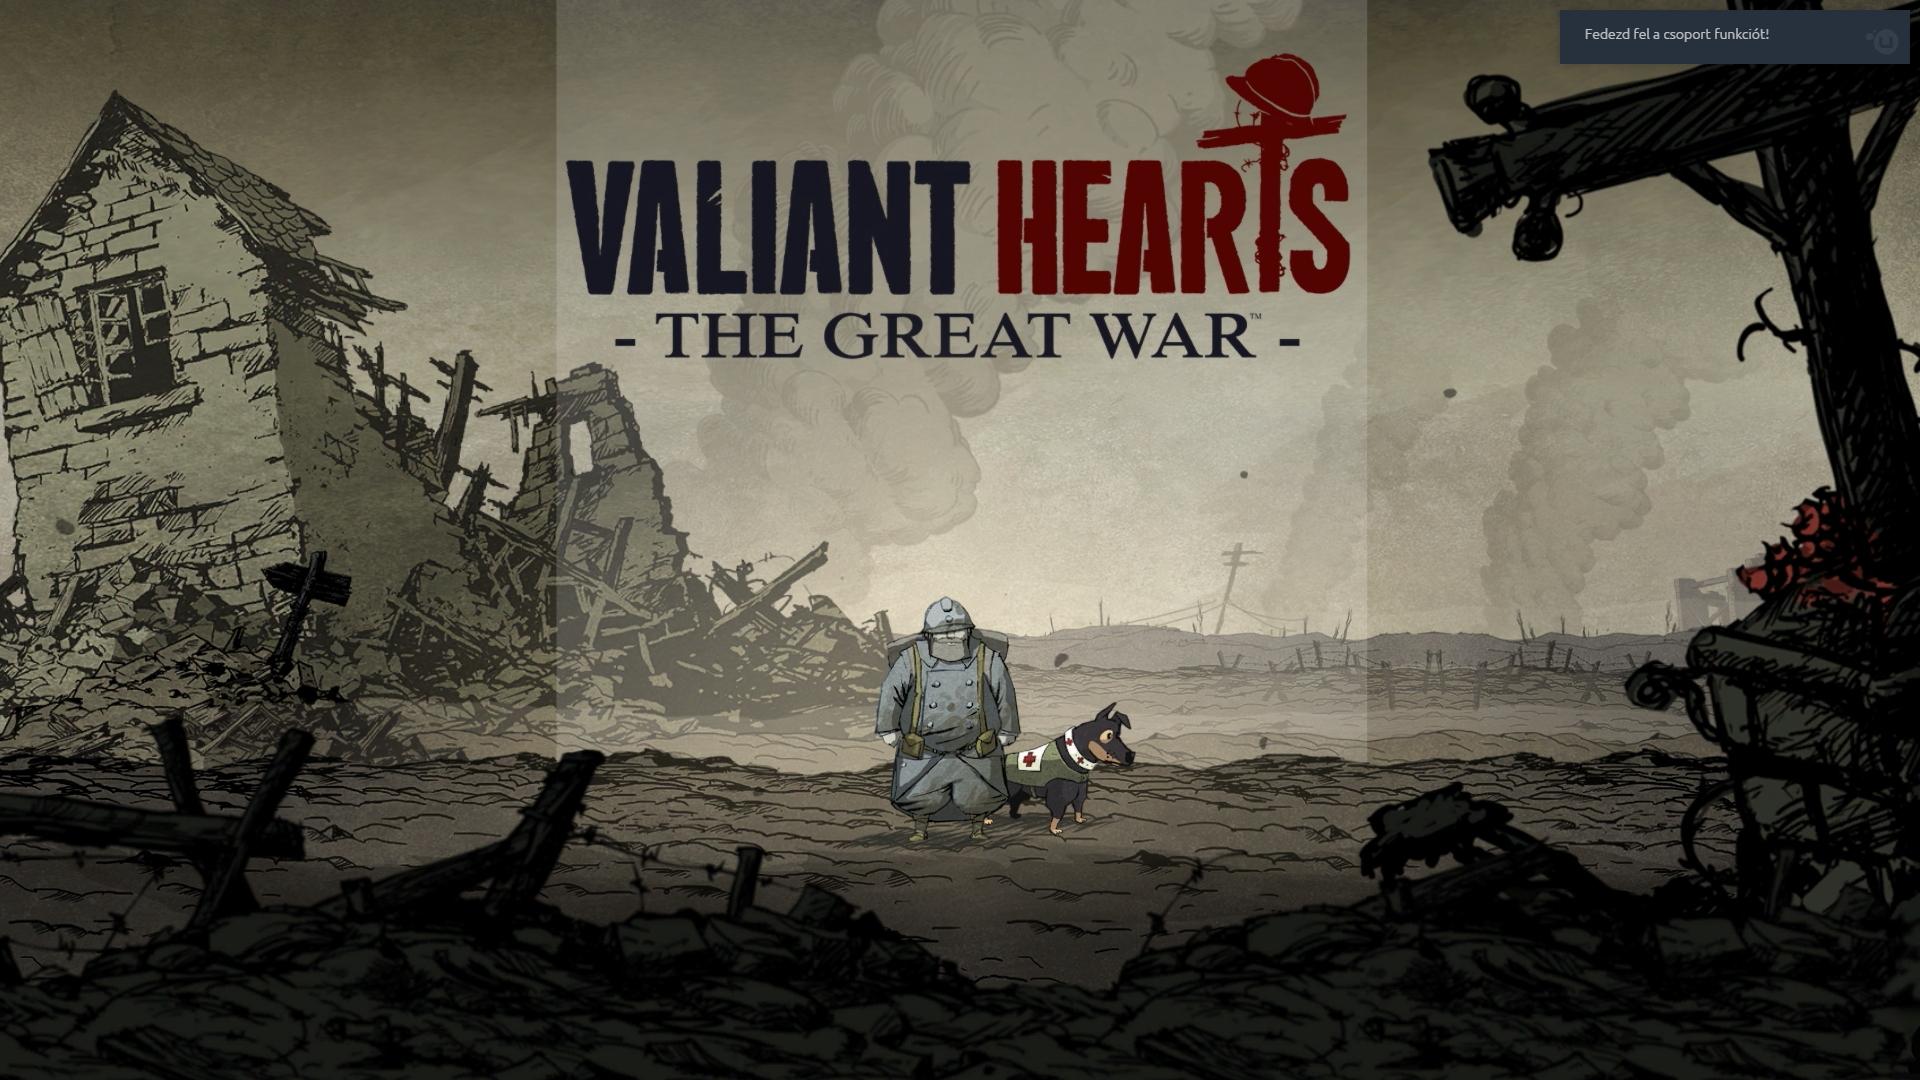 valiant_hearts01.JPG